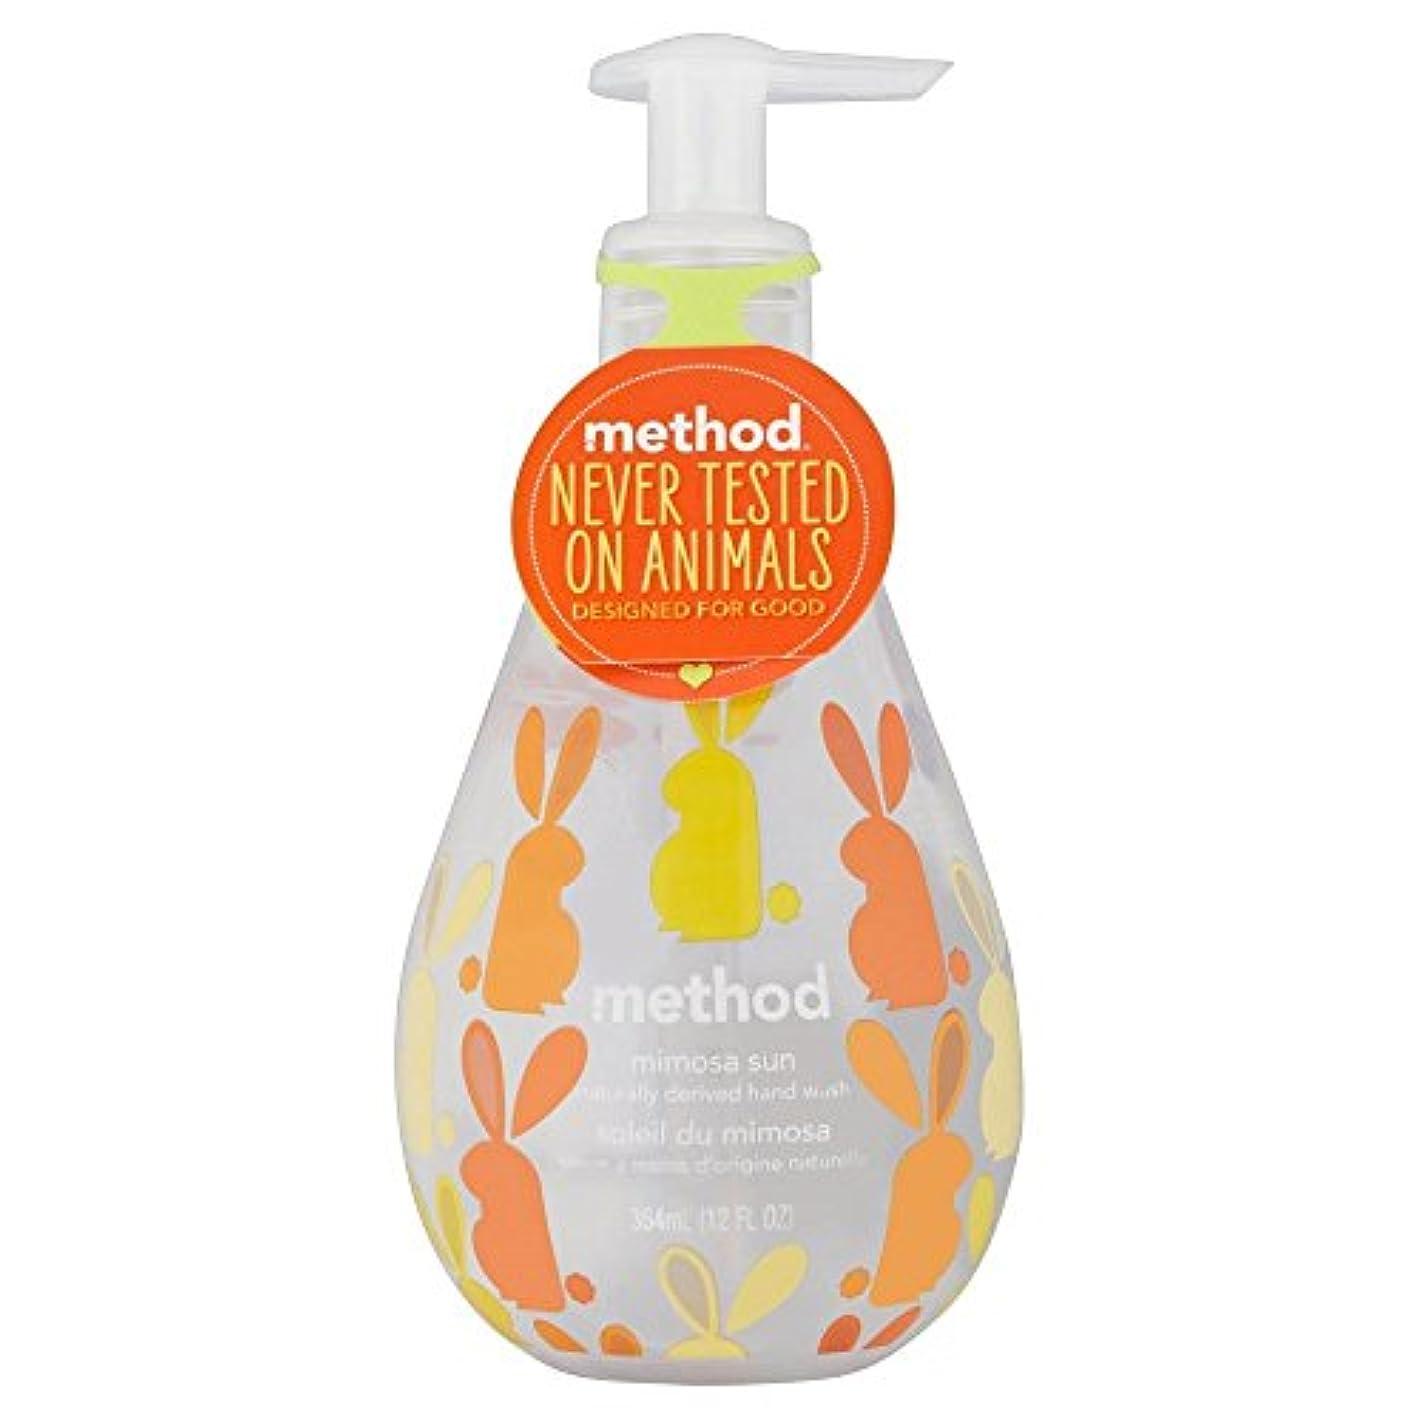 教育する罰スタウトMethod Hand Wash - Mimosa Sun (354ml) メソッドハンドウォッシュ - ミモザ日( 354ミリリットル) [並行輸入品]